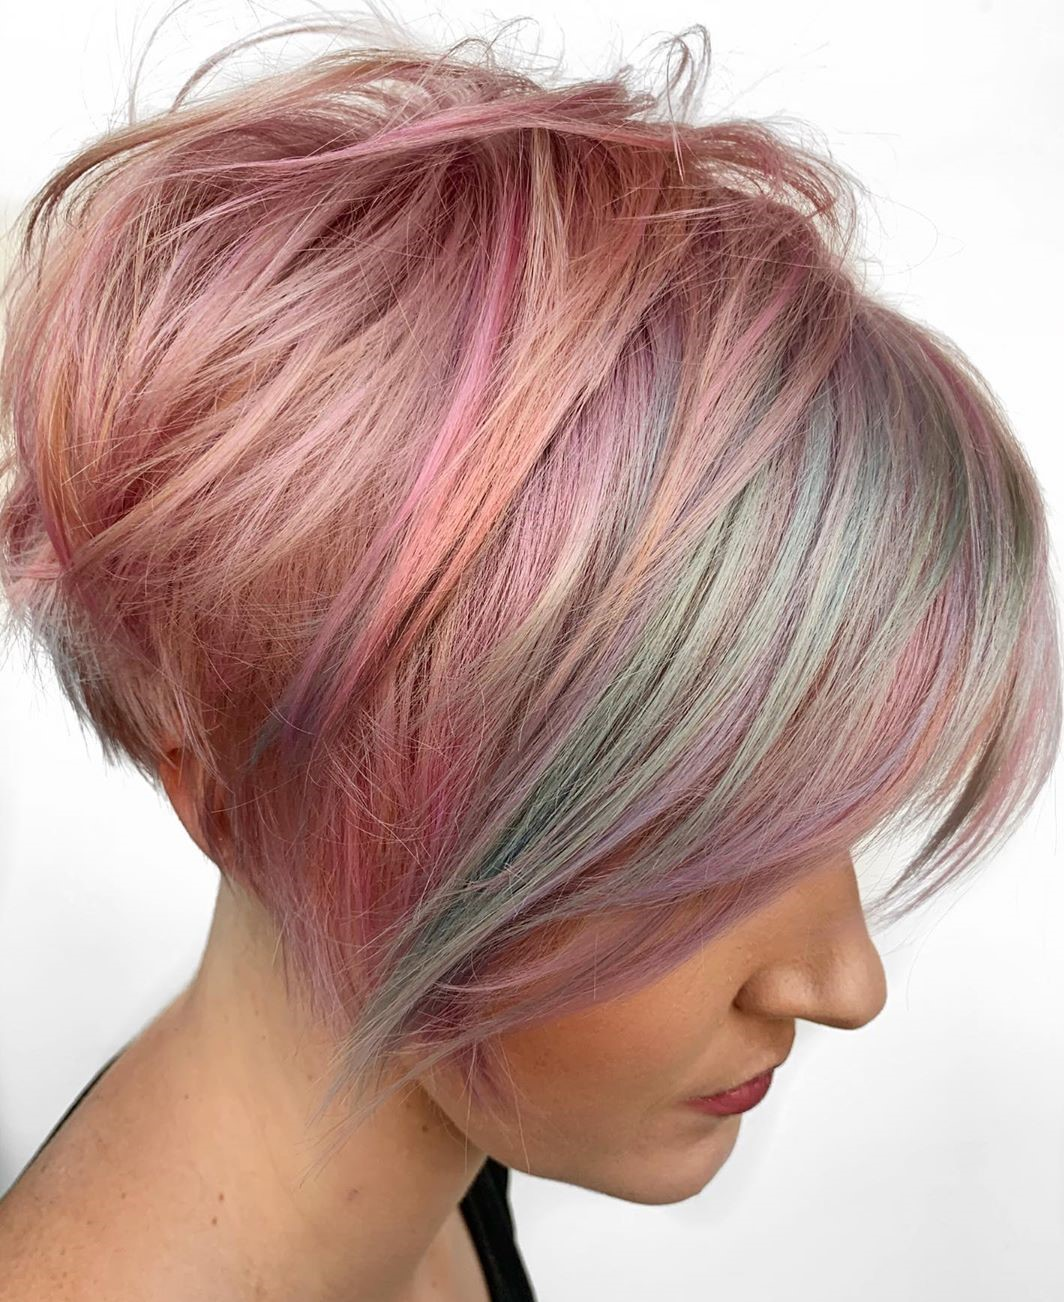 Pastel Pink and Blue Balayage